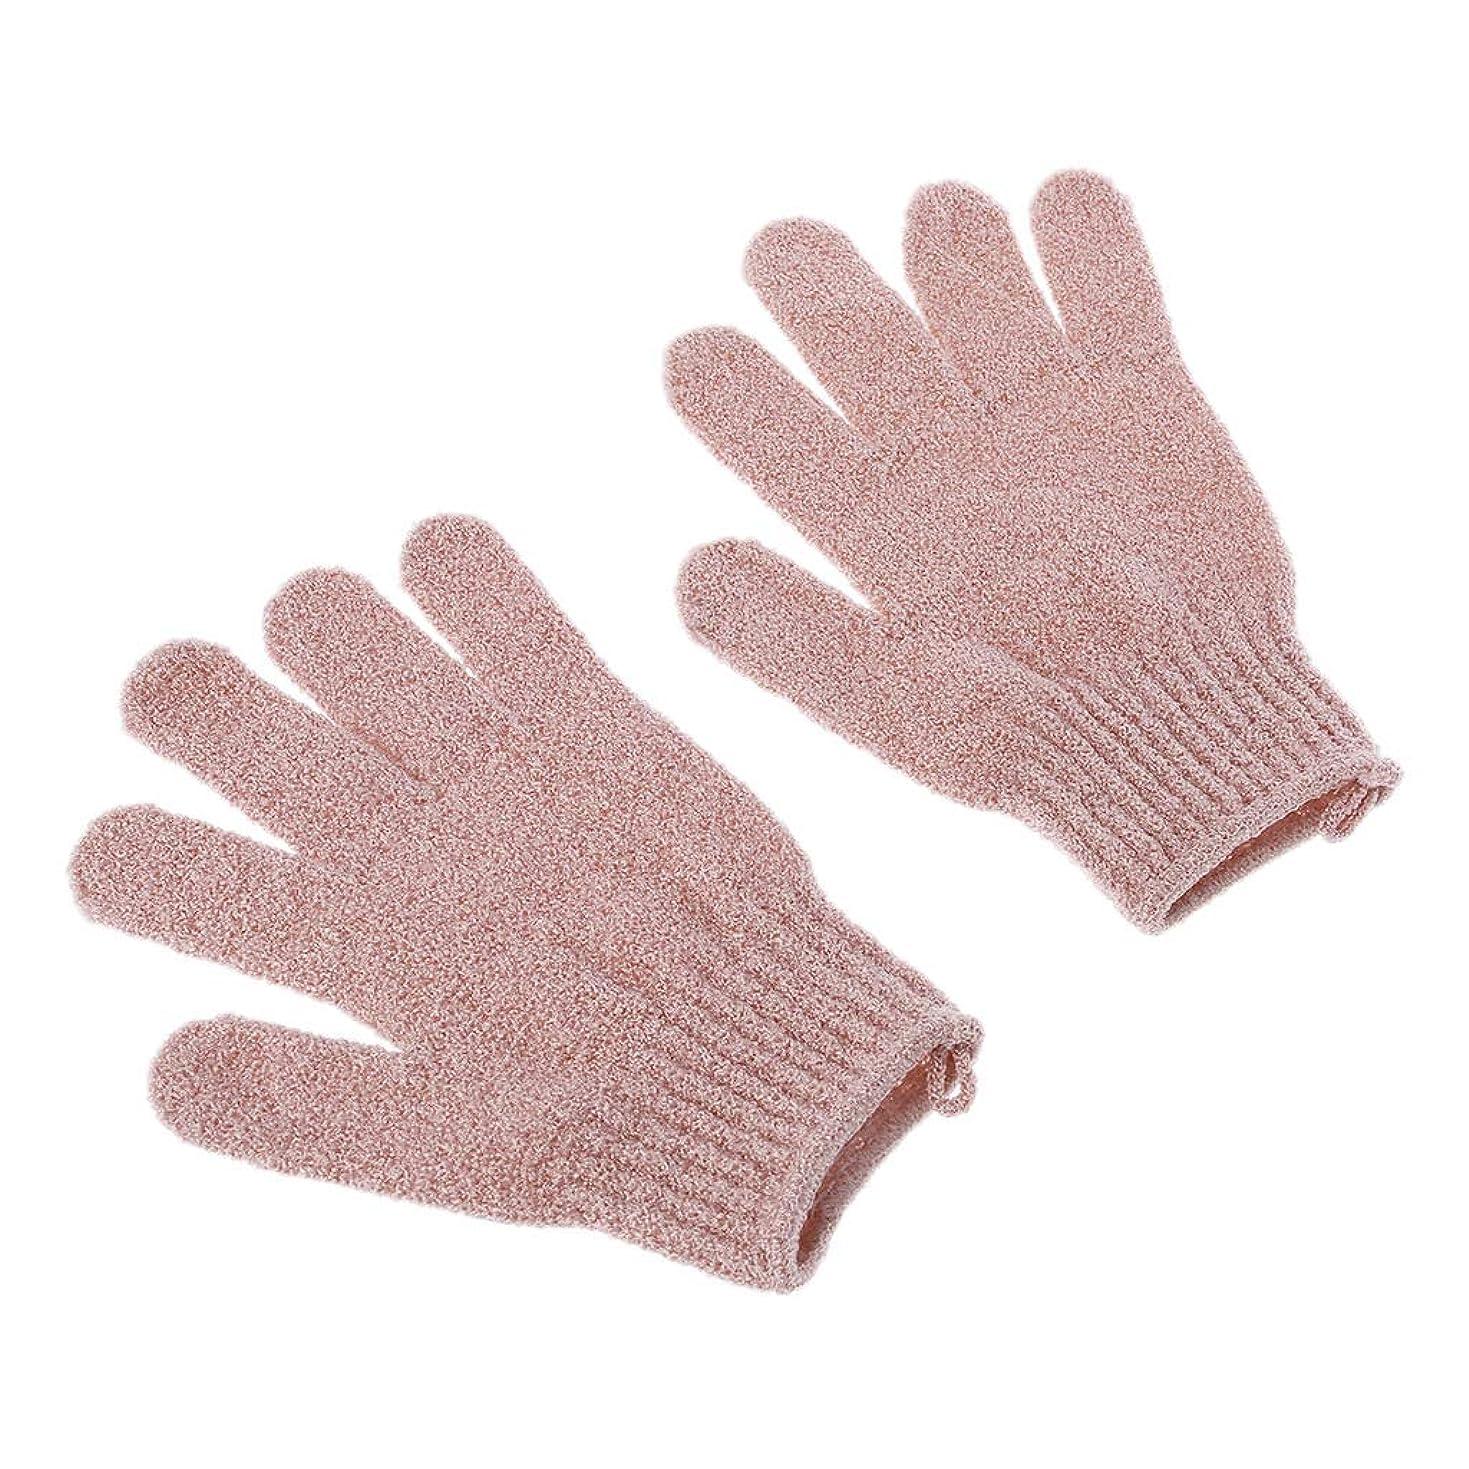 カートン自治ハンカチより青い2部分の浴室の手袋のシャワーセット、ボディスクラバーの角質除去のための角質除去の手袋